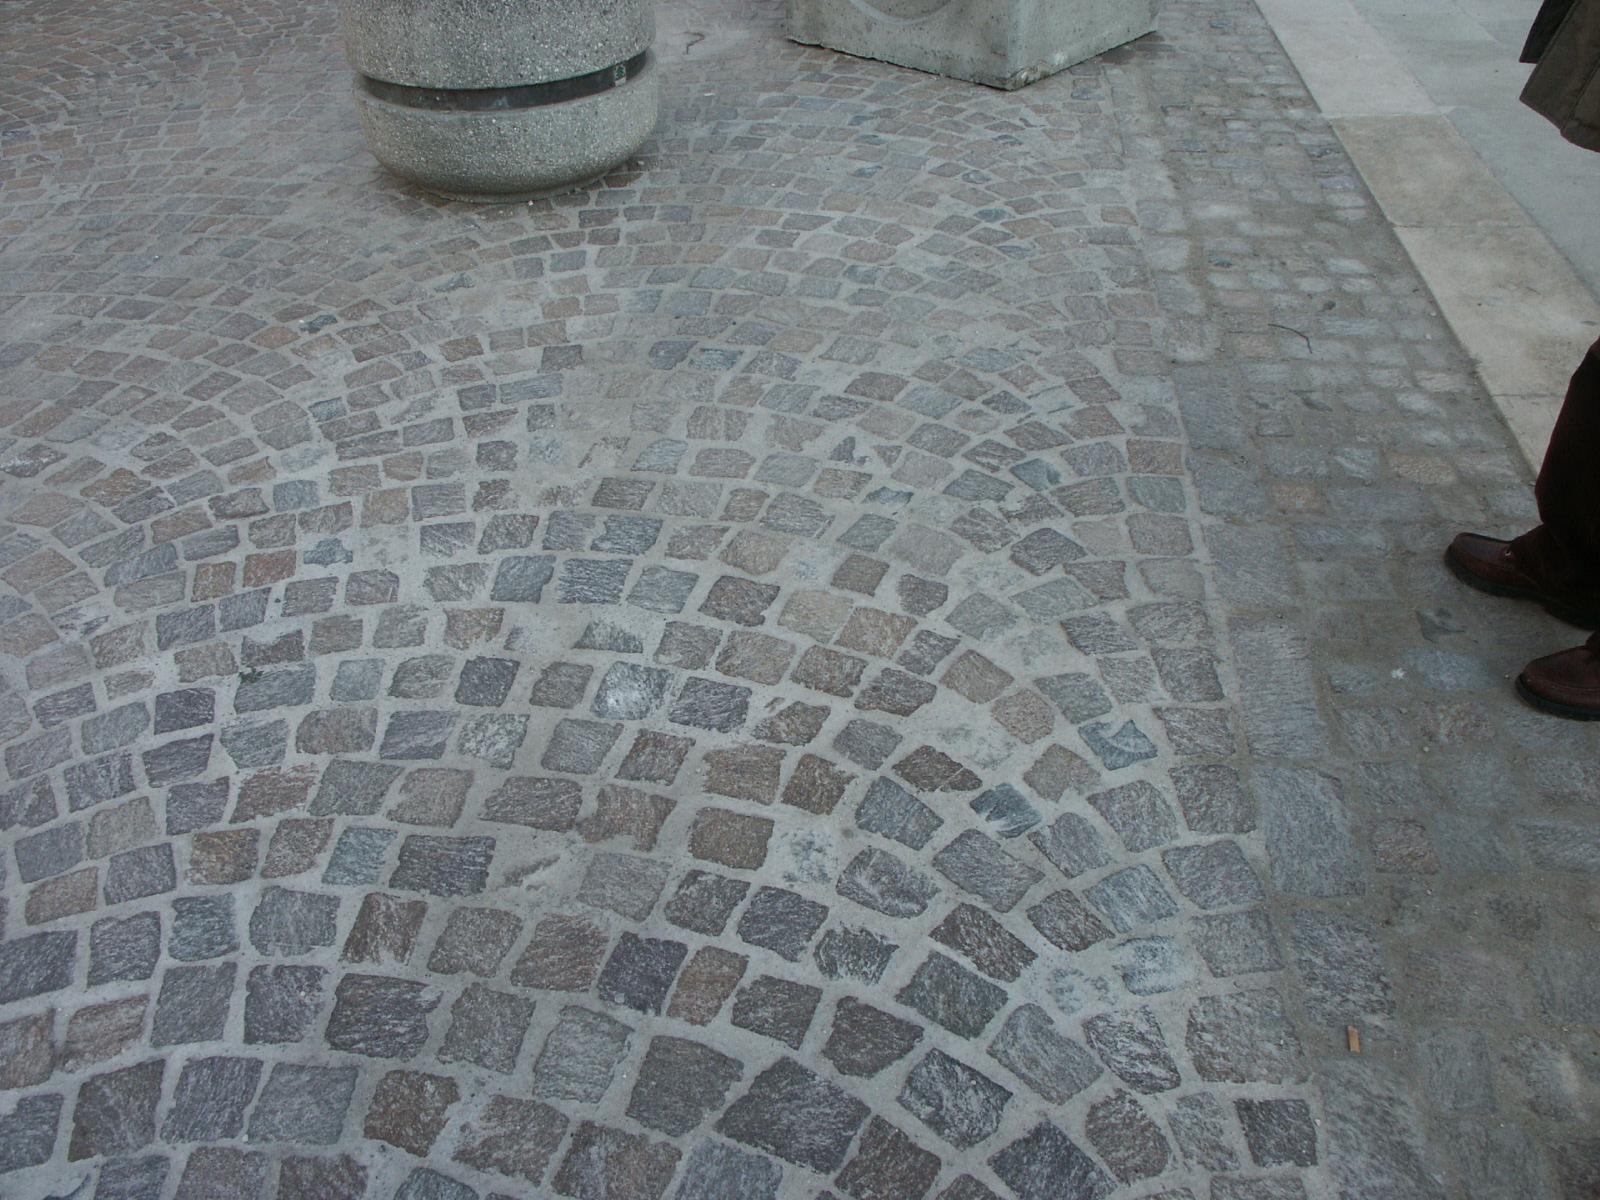 Pavimento in porfido esterno chiama ora pavimento ingresso in